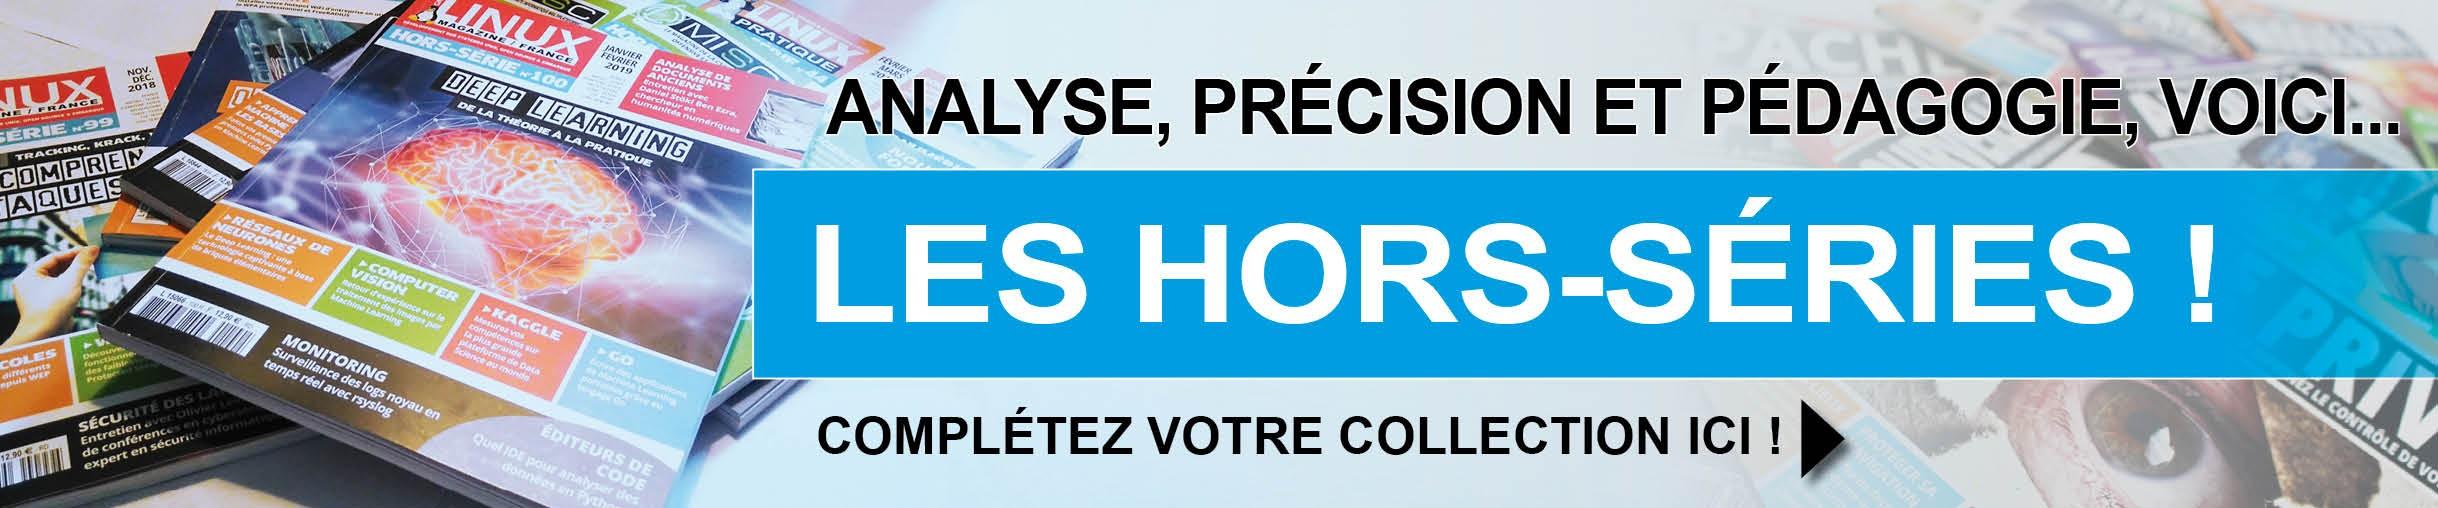 Les Hors-Séries !